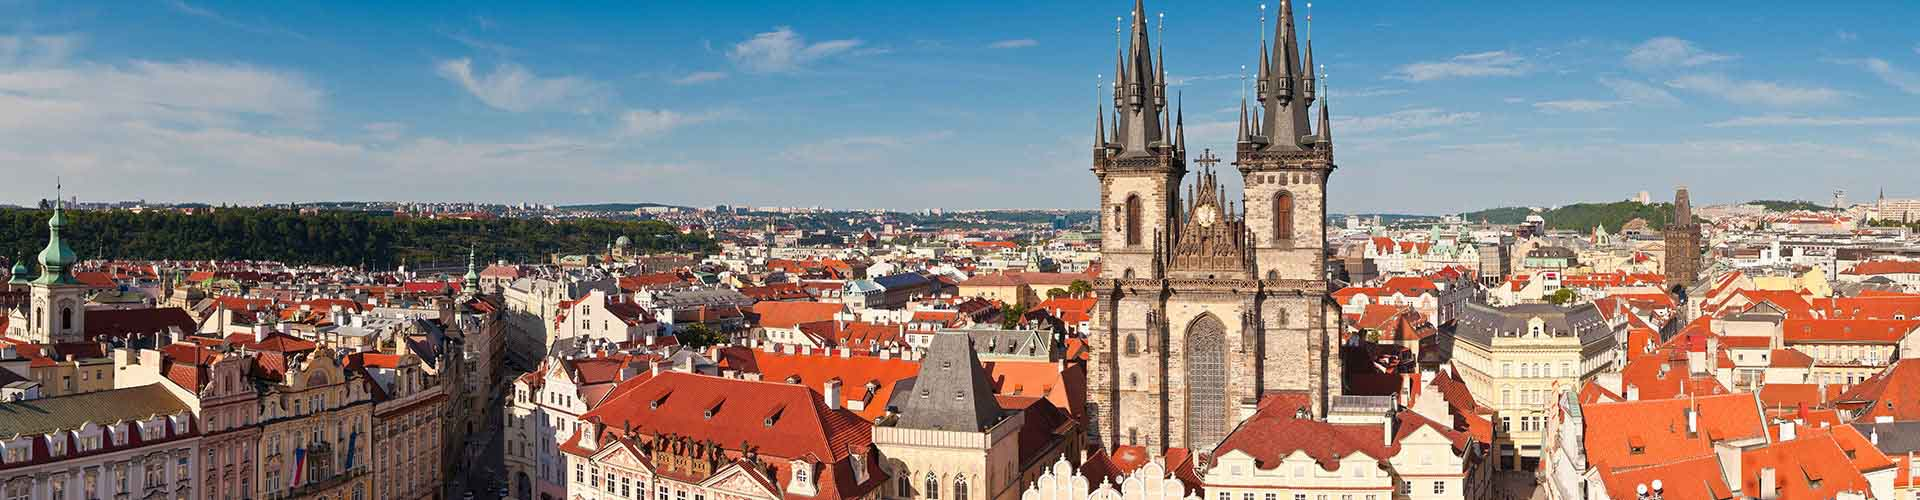 Prague - Chambres près de Église Týn. Cartes pour Prague, photos et commentaires pour chaque chambre à Prague.